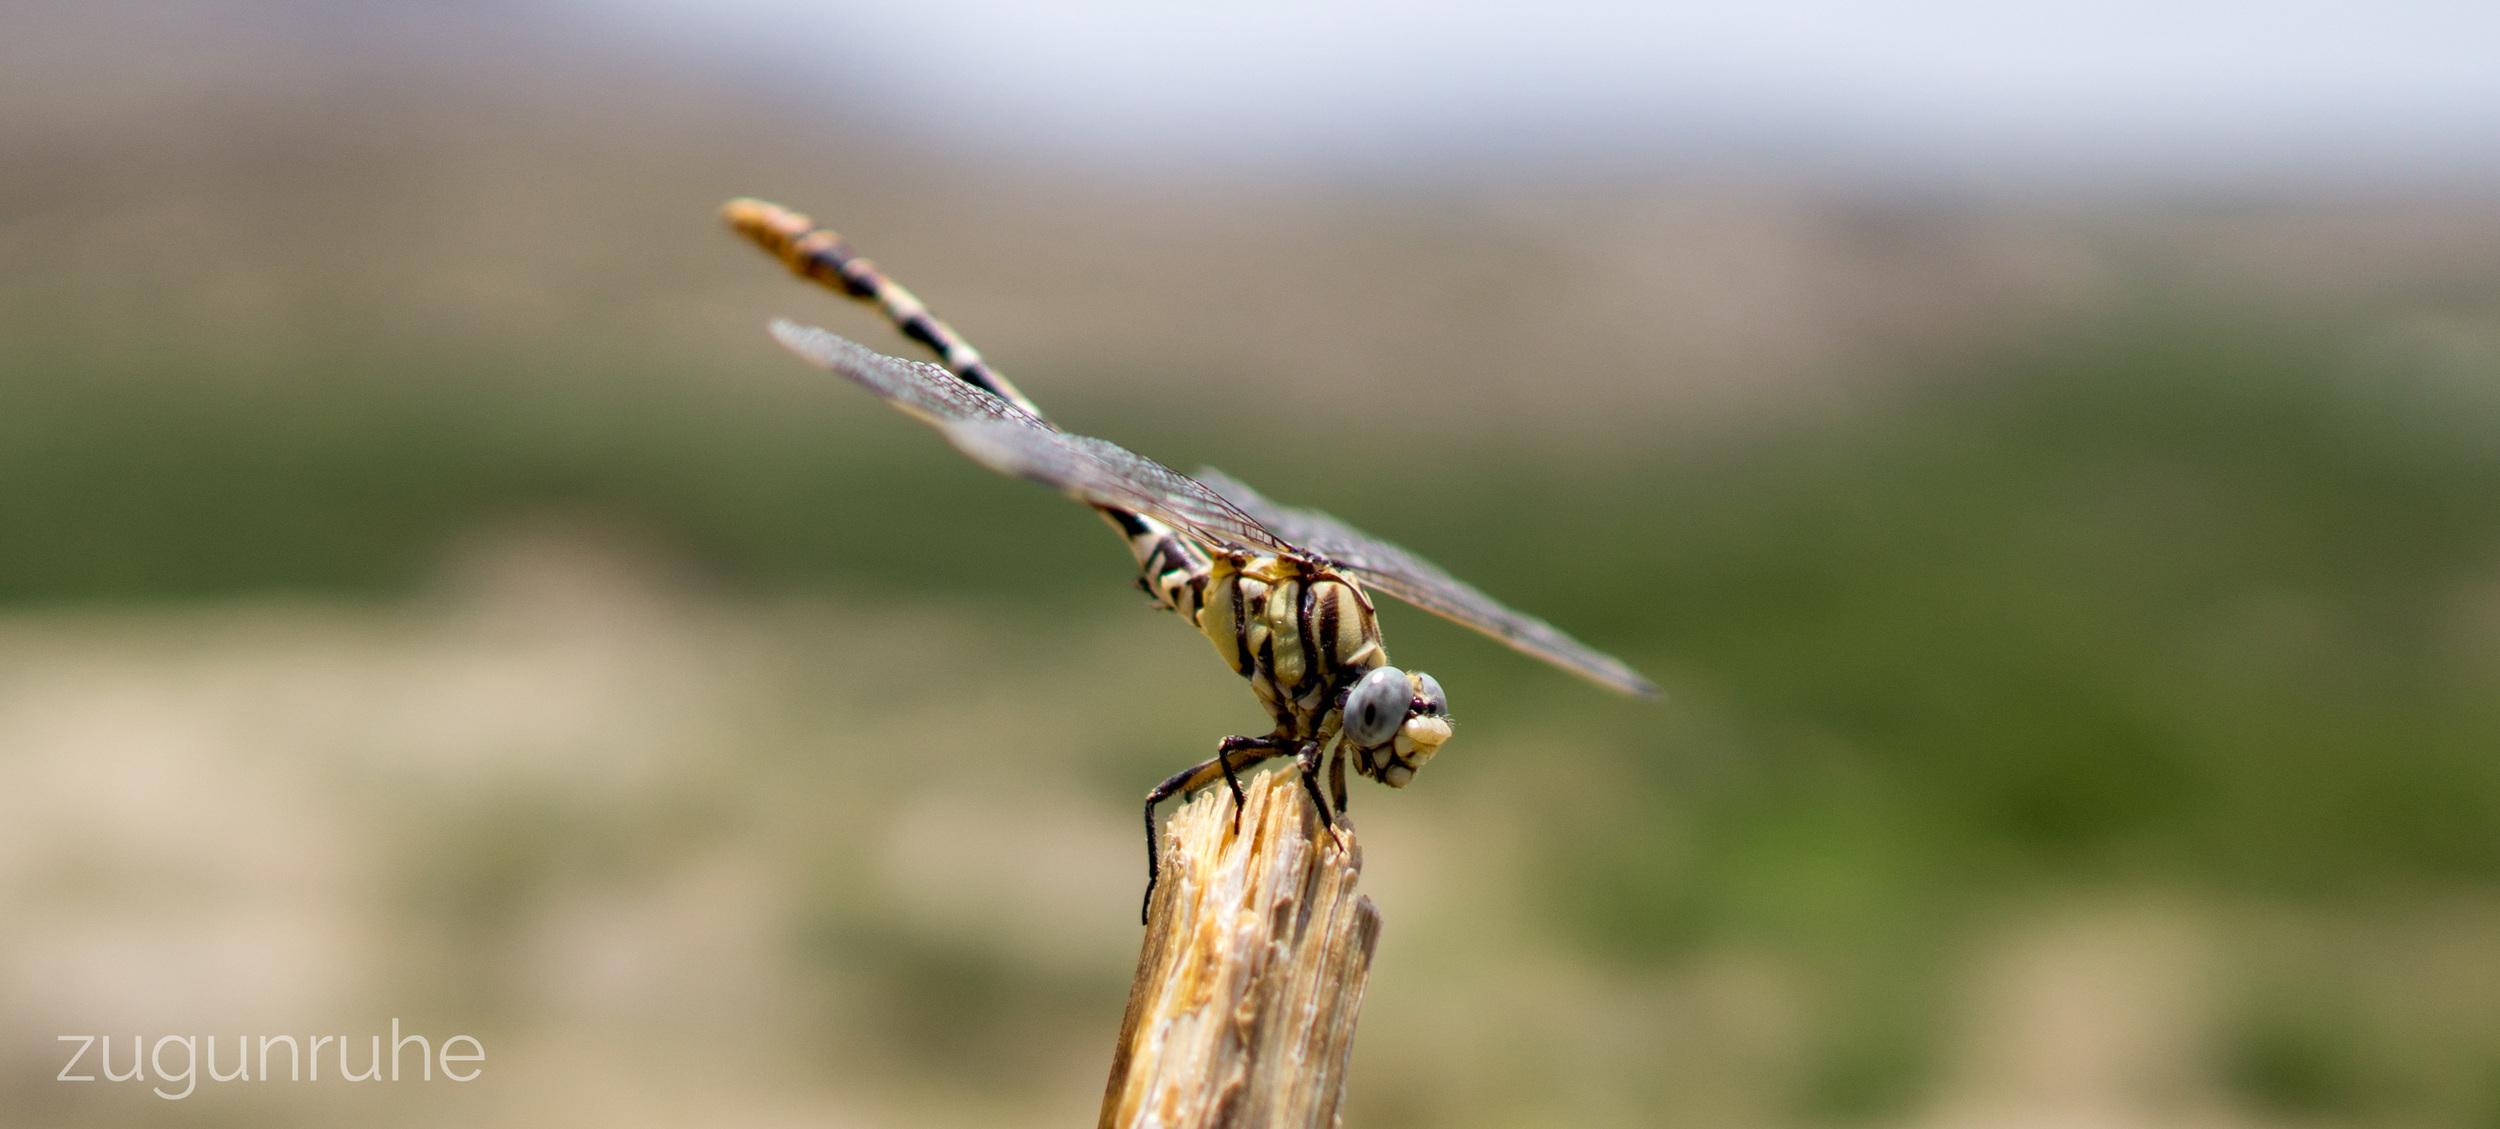 Dragonfly //Big Bend National Park 7/05